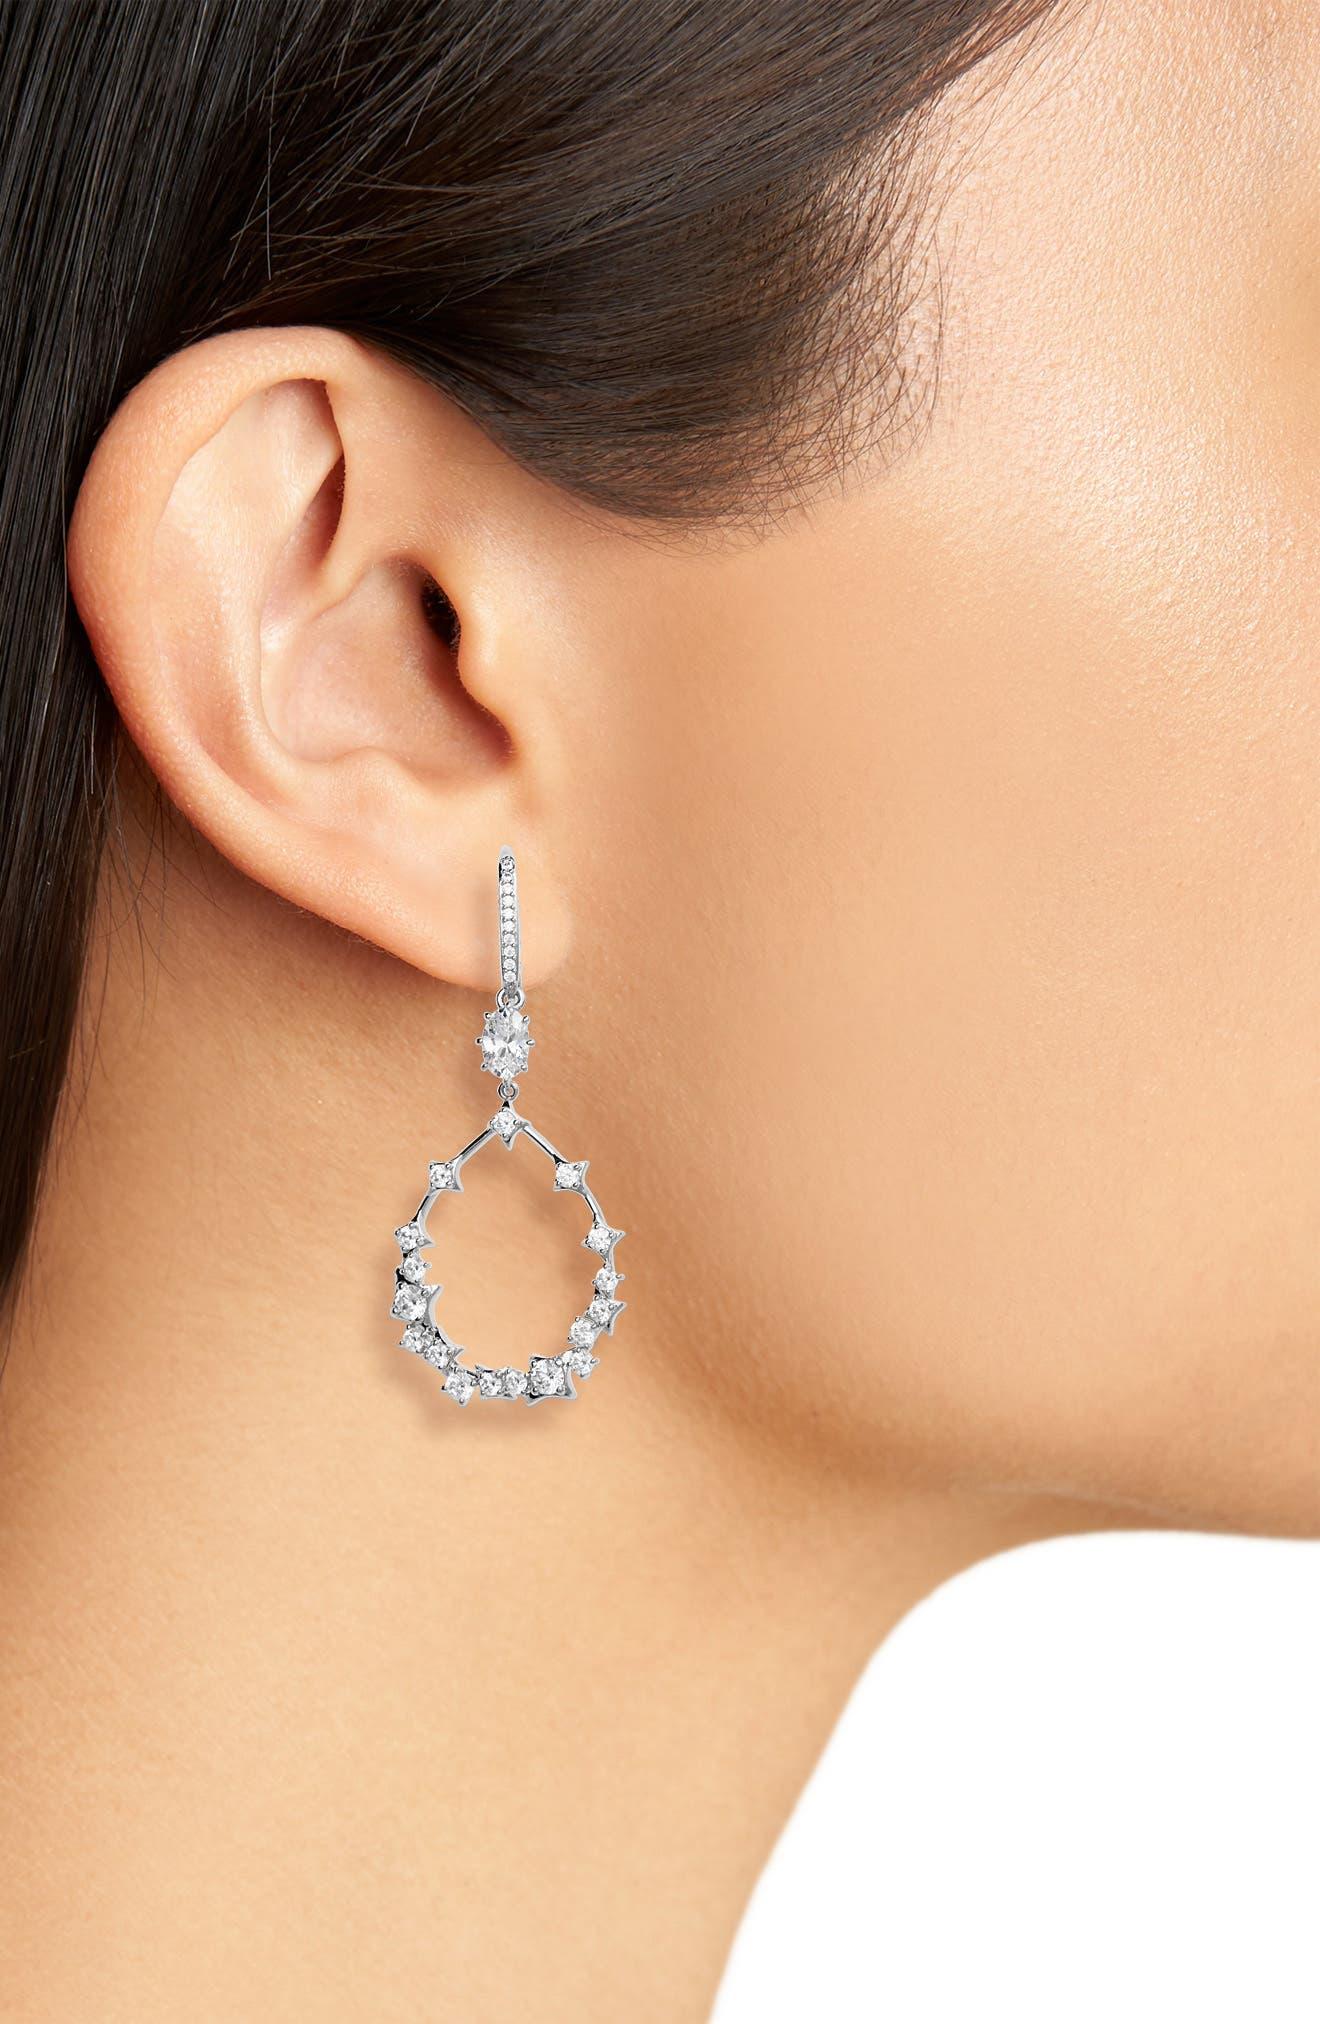 Boho Drop Earrings,                             Alternate thumbnail 2, color,                             040